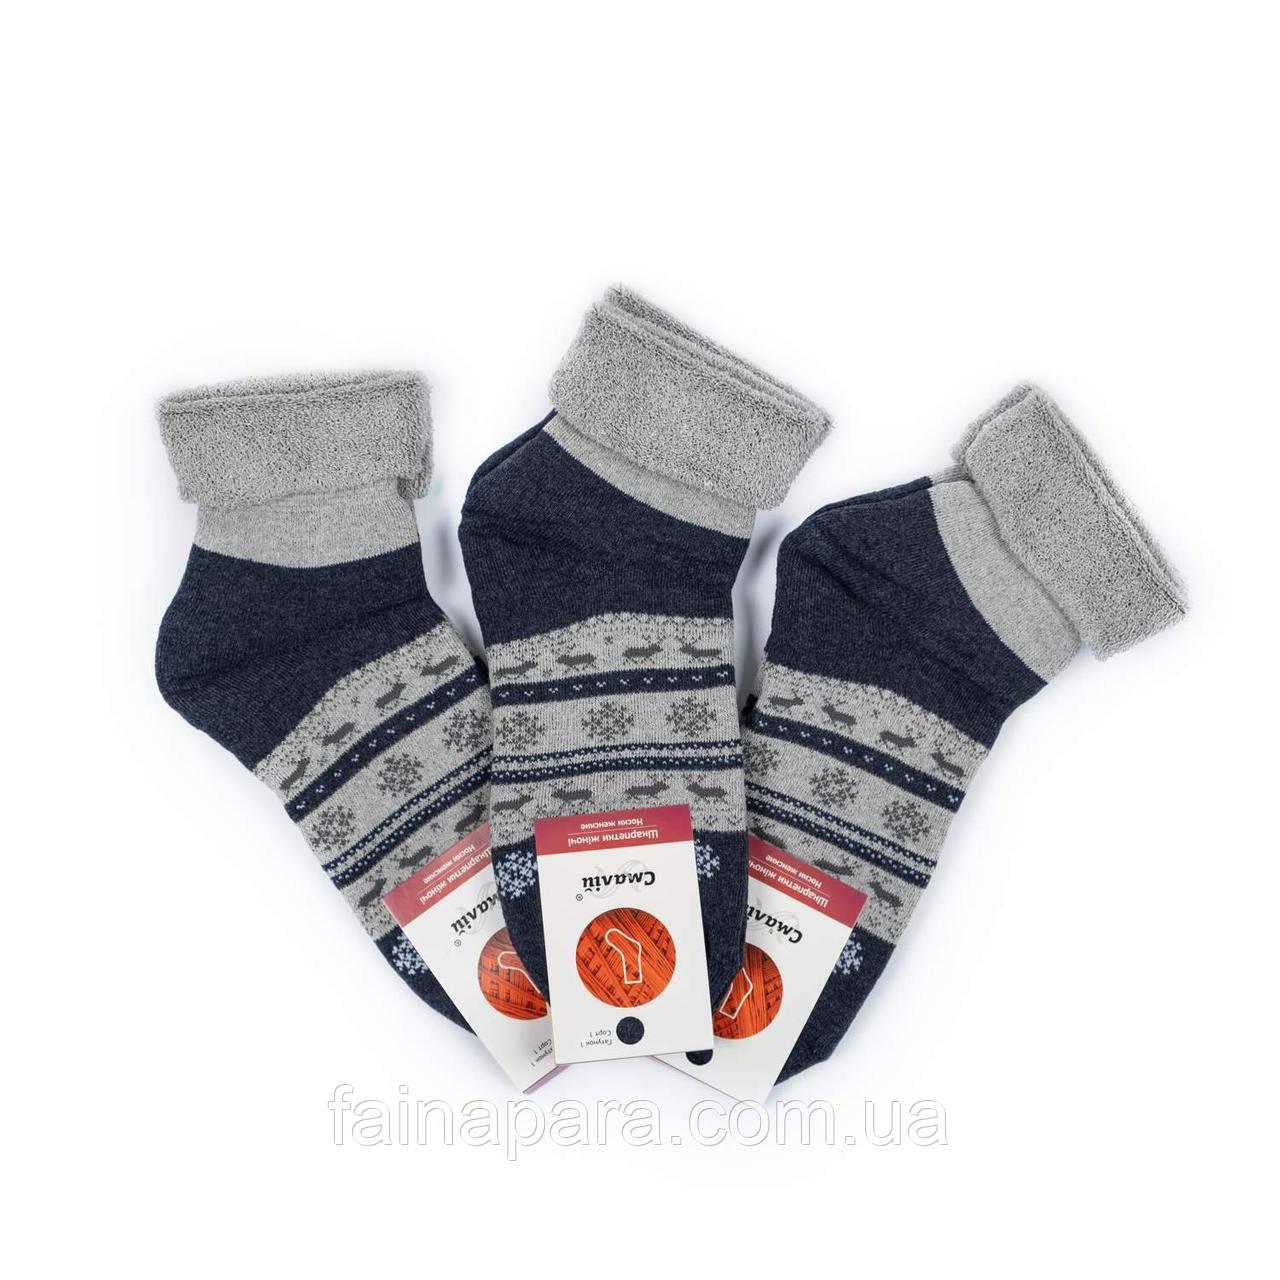 Женские махровые носки без резинки с оленями